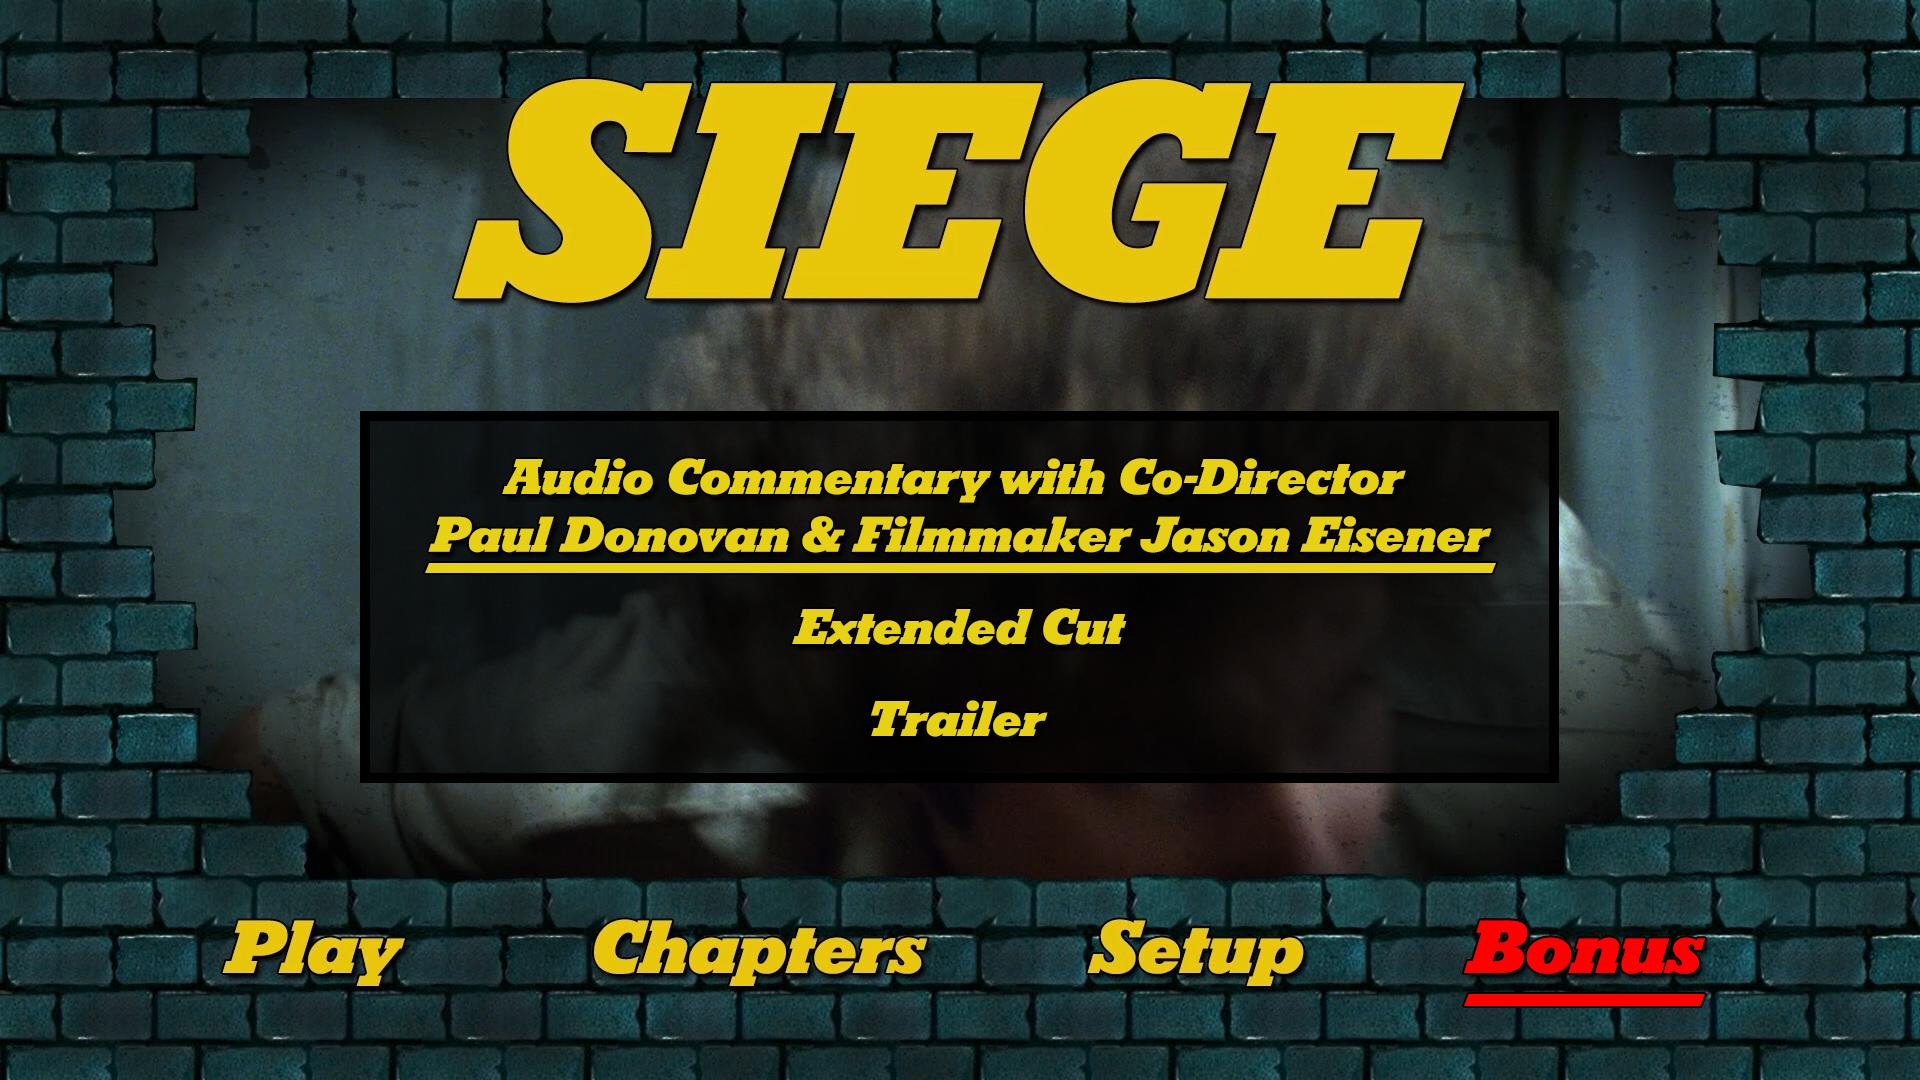 Siege extras menu